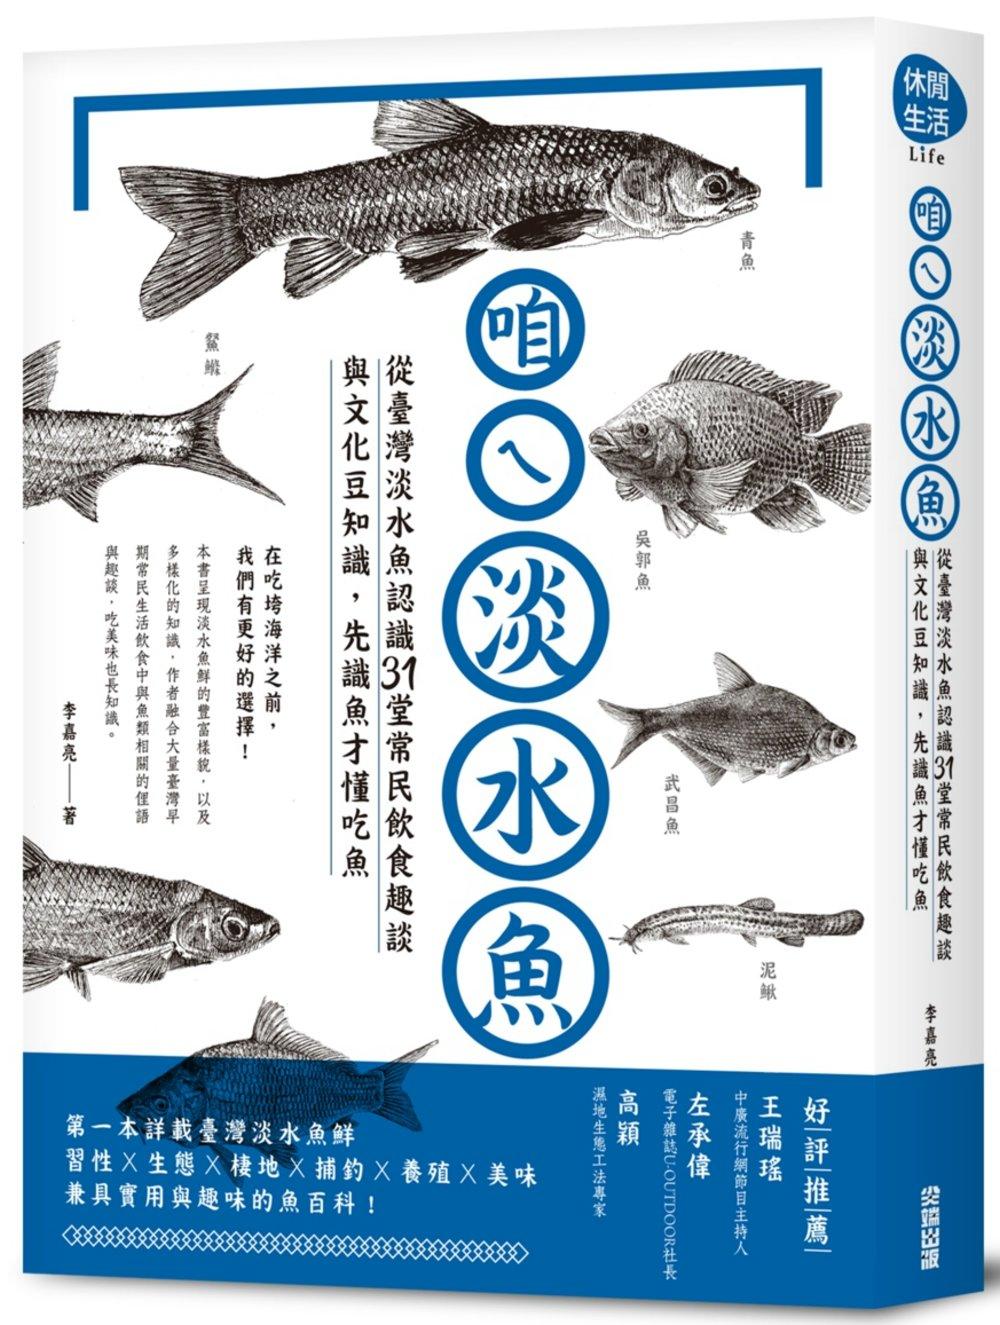 咱ㄟ淡水魚:從臺灣淡水魚認識31堂常民飲食趣談與文化豆知識,先識魚才懂吃魚